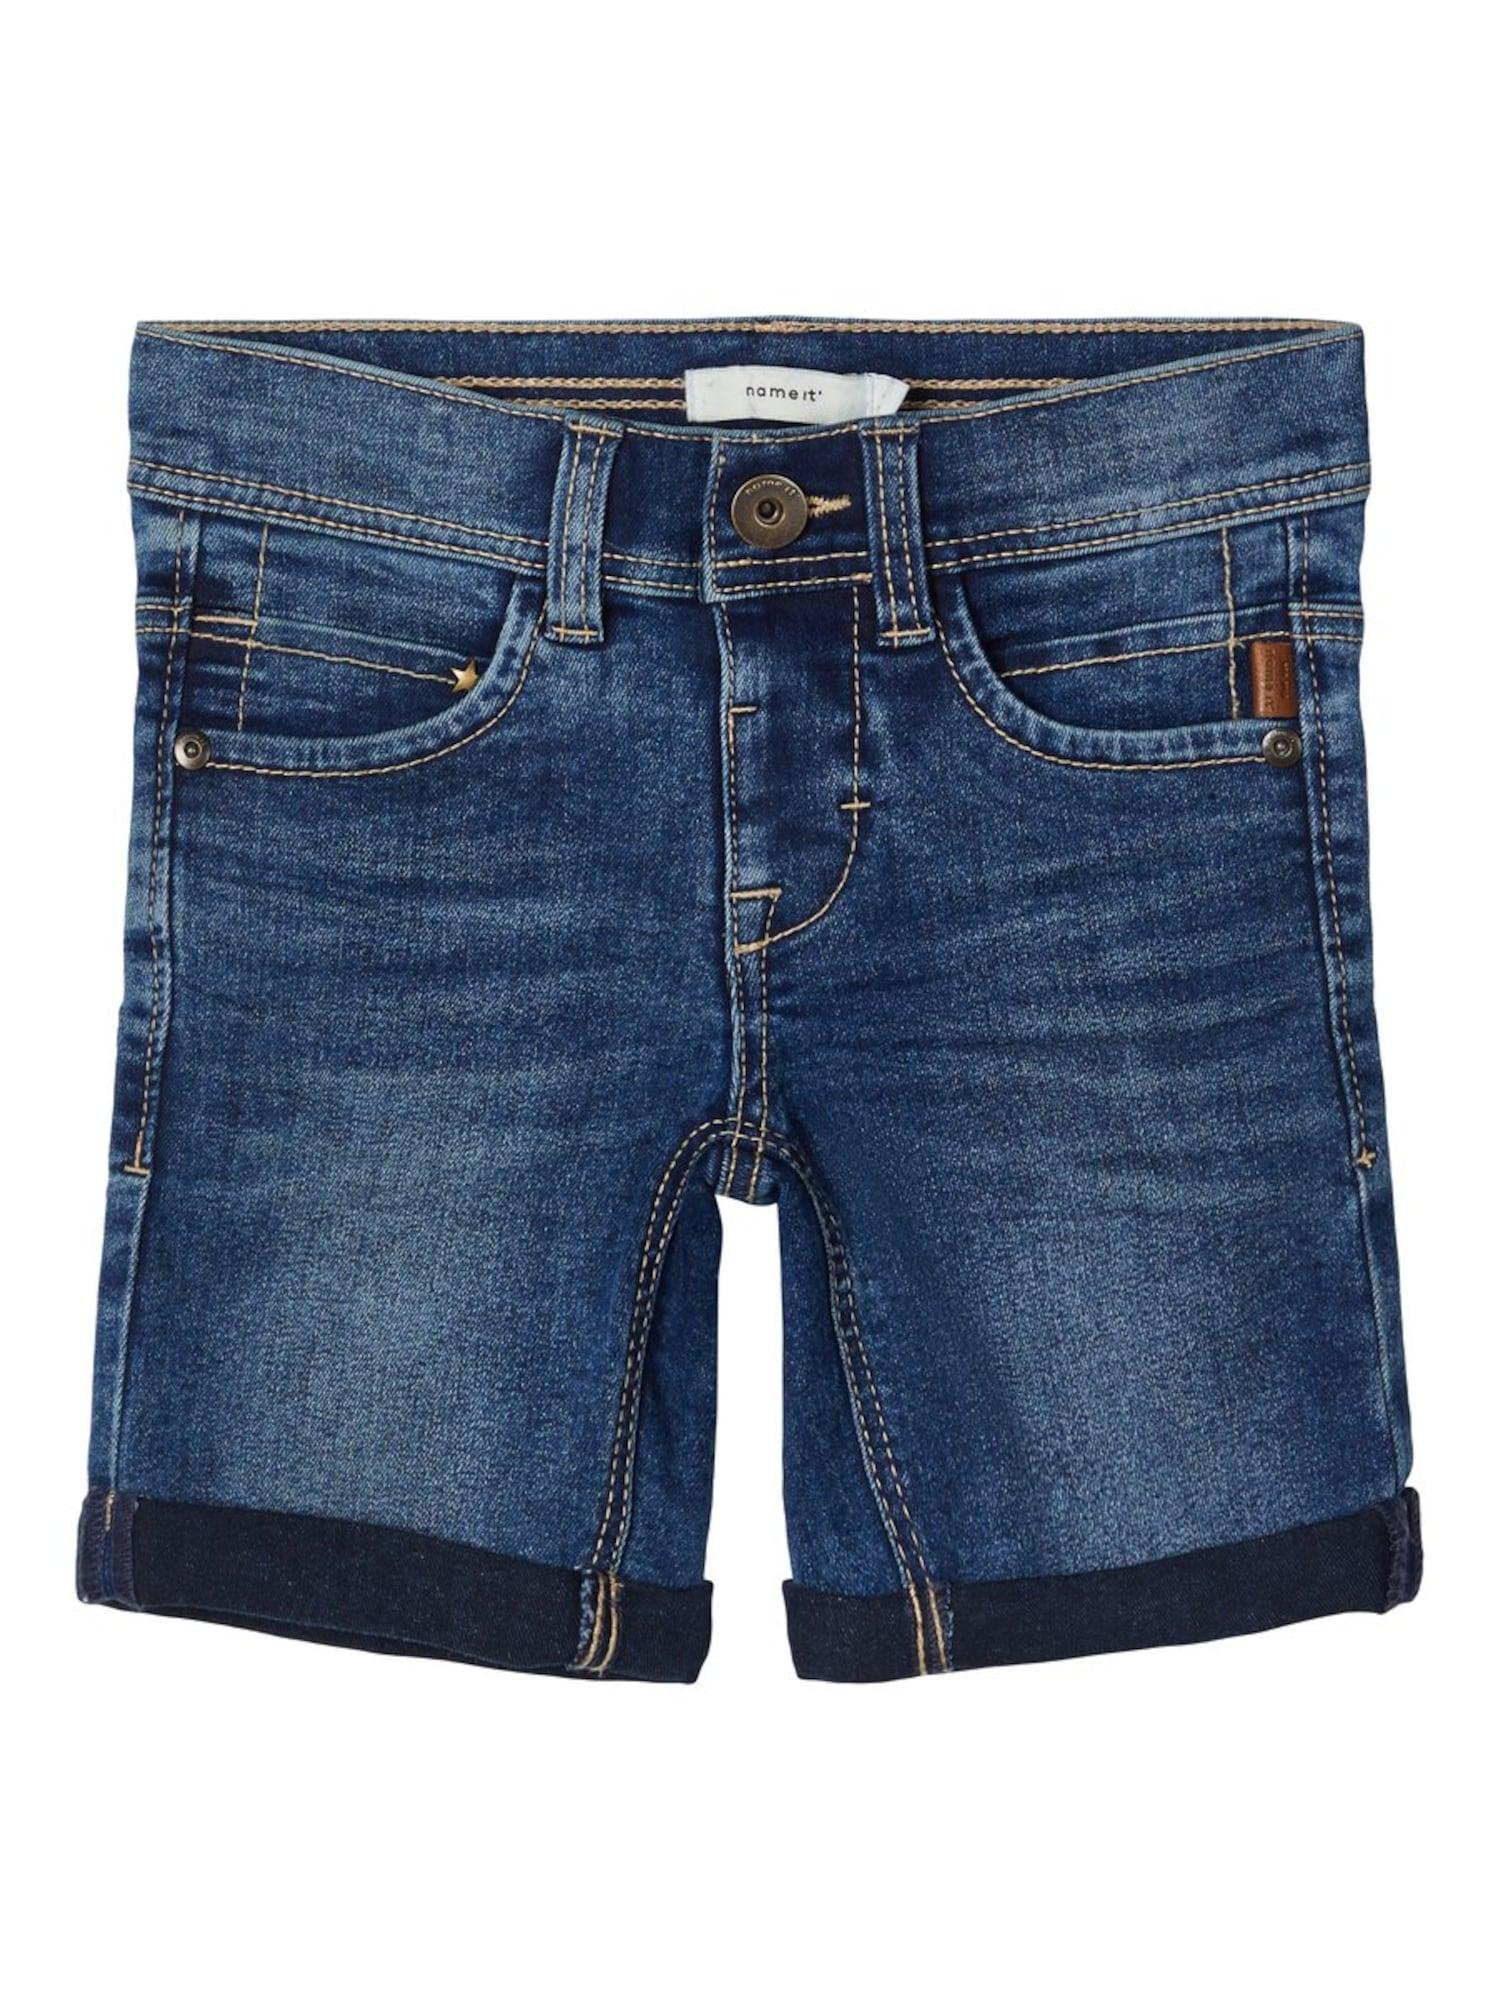 NAME IT Džinsai tamsiai (džinso) mėlyna / gelsvai pilka spalva